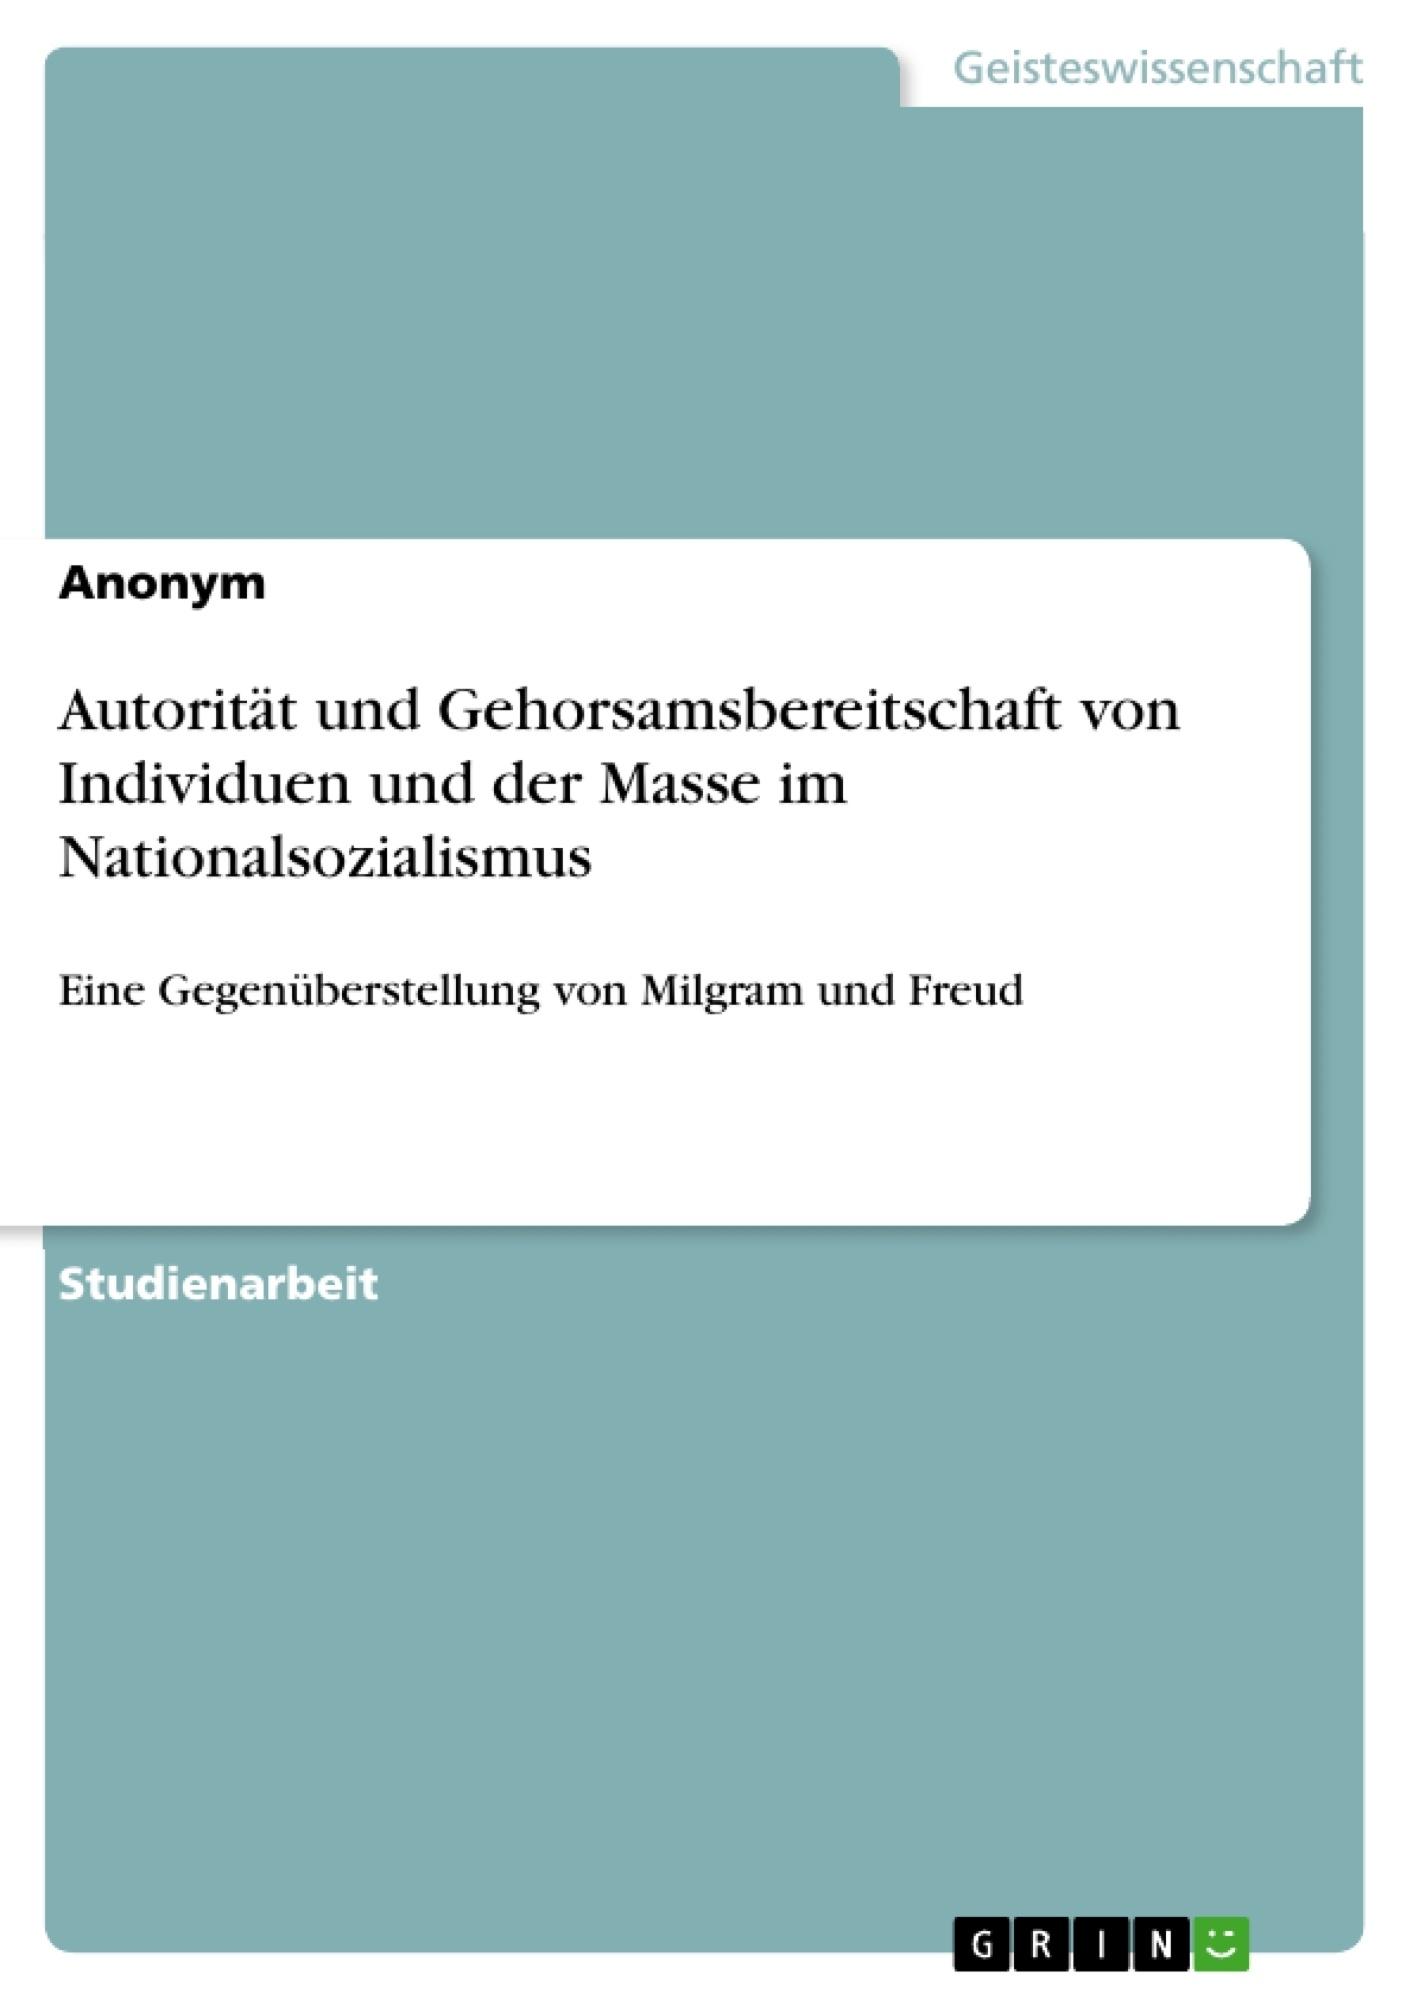 Titel: Autorität und Gehorsamsbereitschaft von Individuen und der Masse im Nationalsozialismus